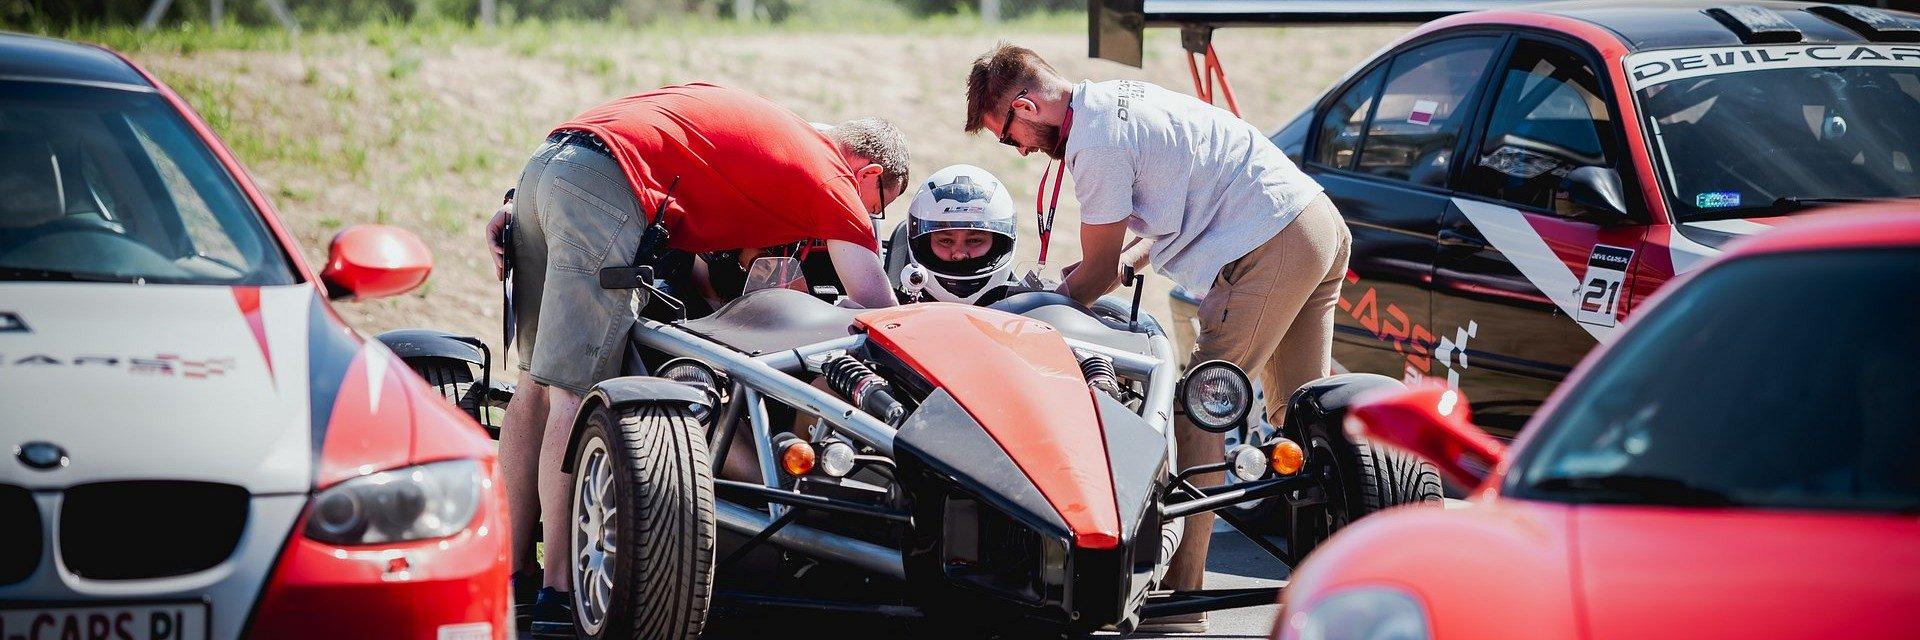 Porządna dawka adrenaliny – to prezent, którego potrzebują mężczyźni